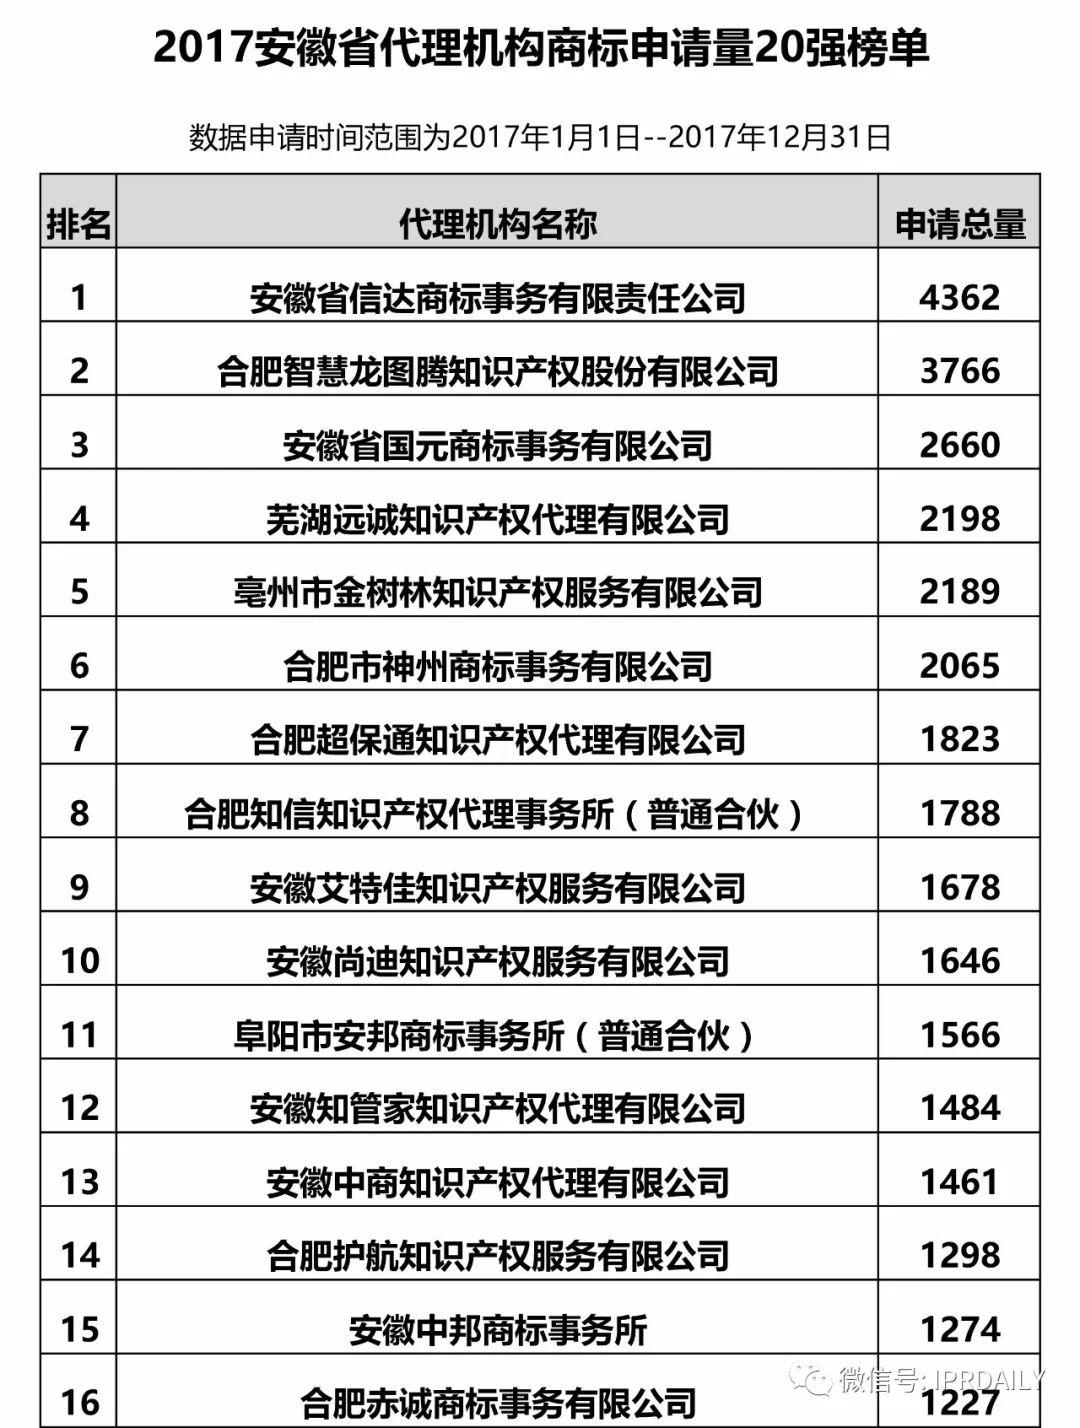 2017年安徽省代理机构商标申请量排名榜(前20名)